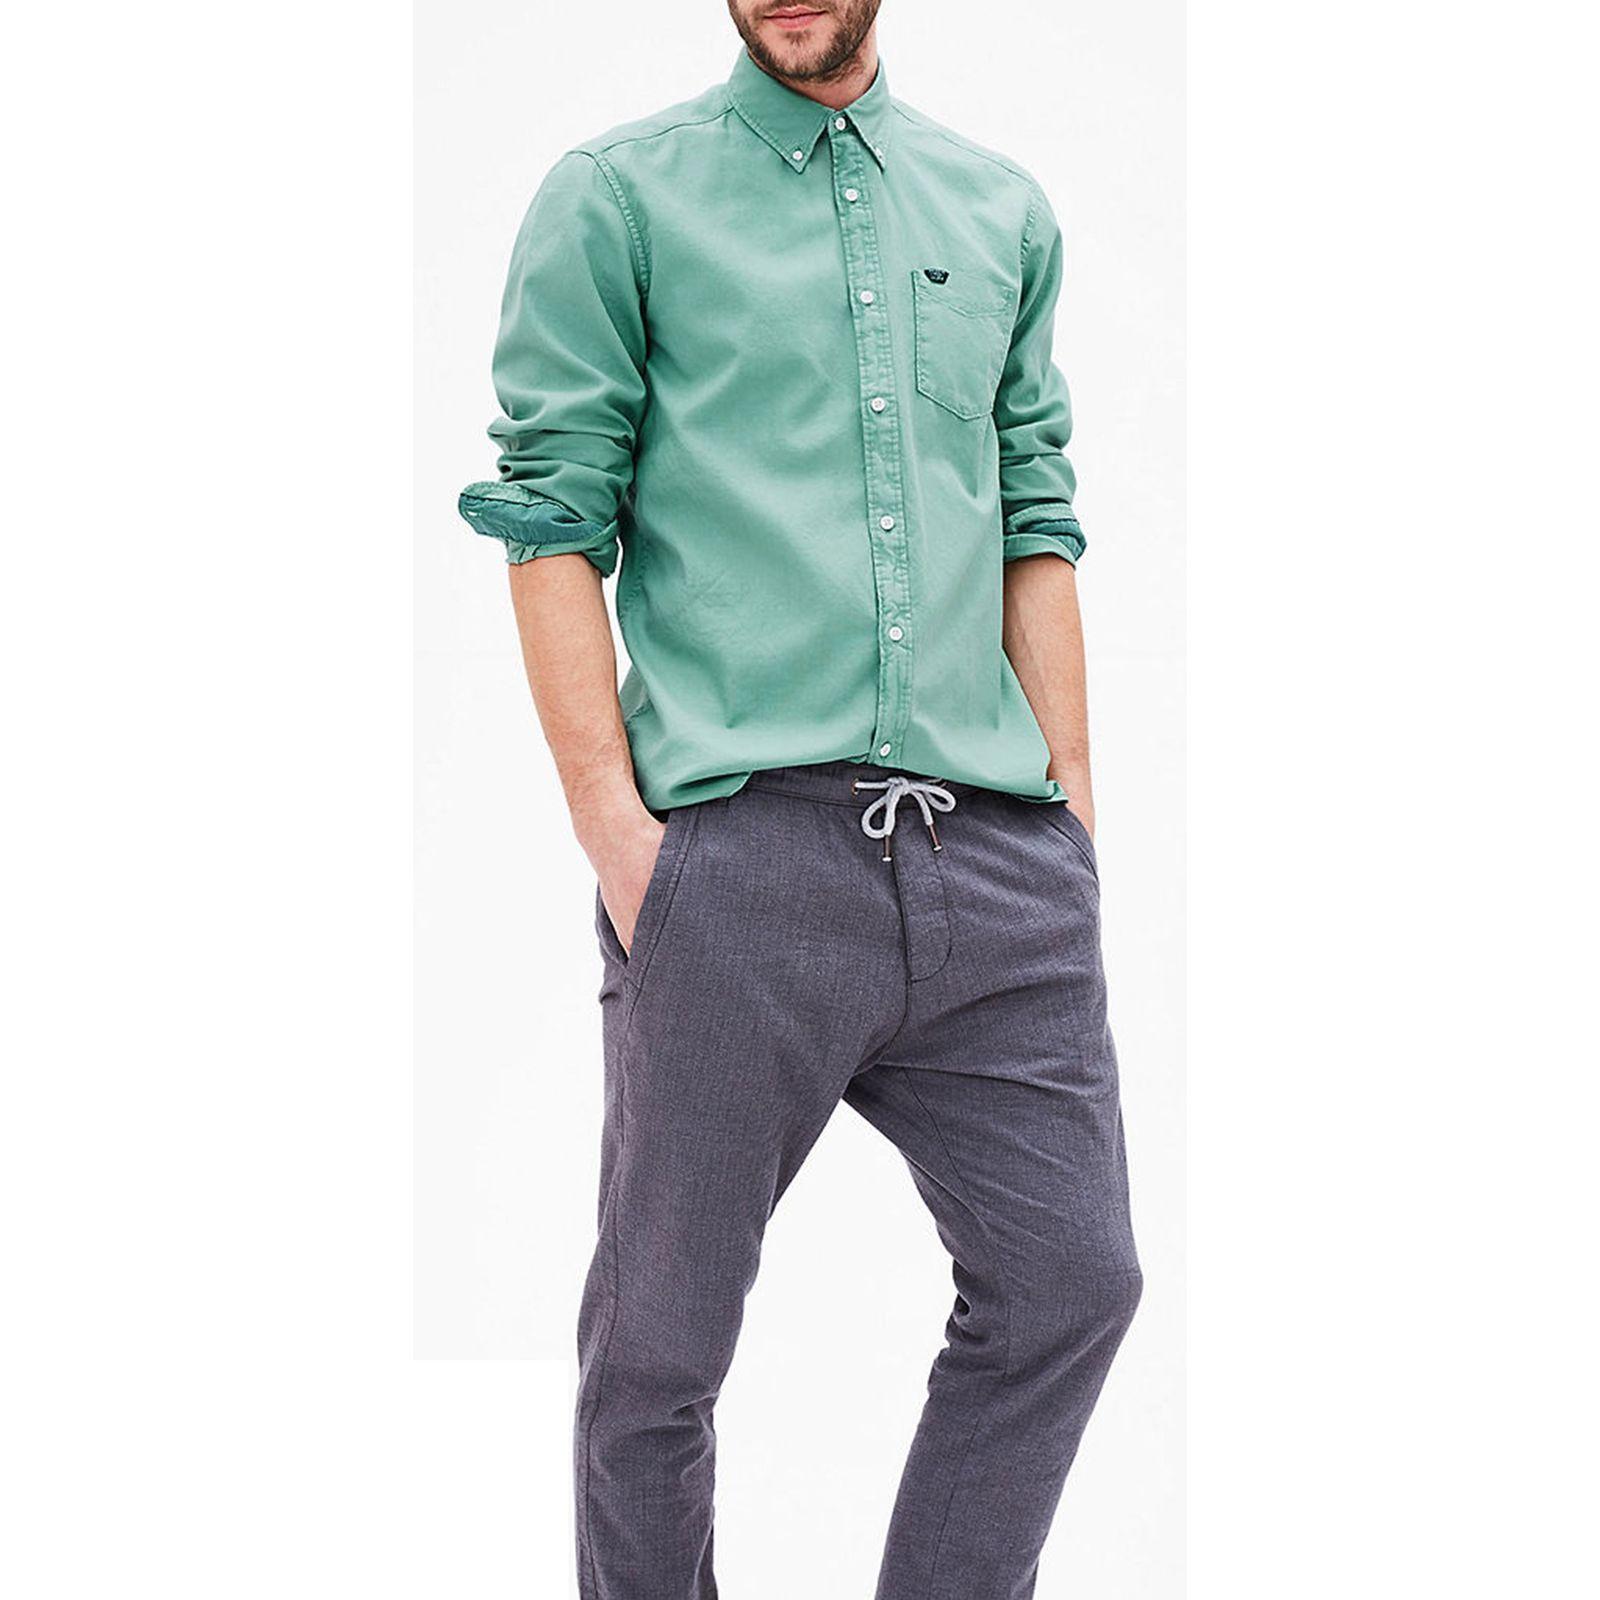 پیراهن نخی آستین بلند مردانه - اس.اولیور - سبز - 4